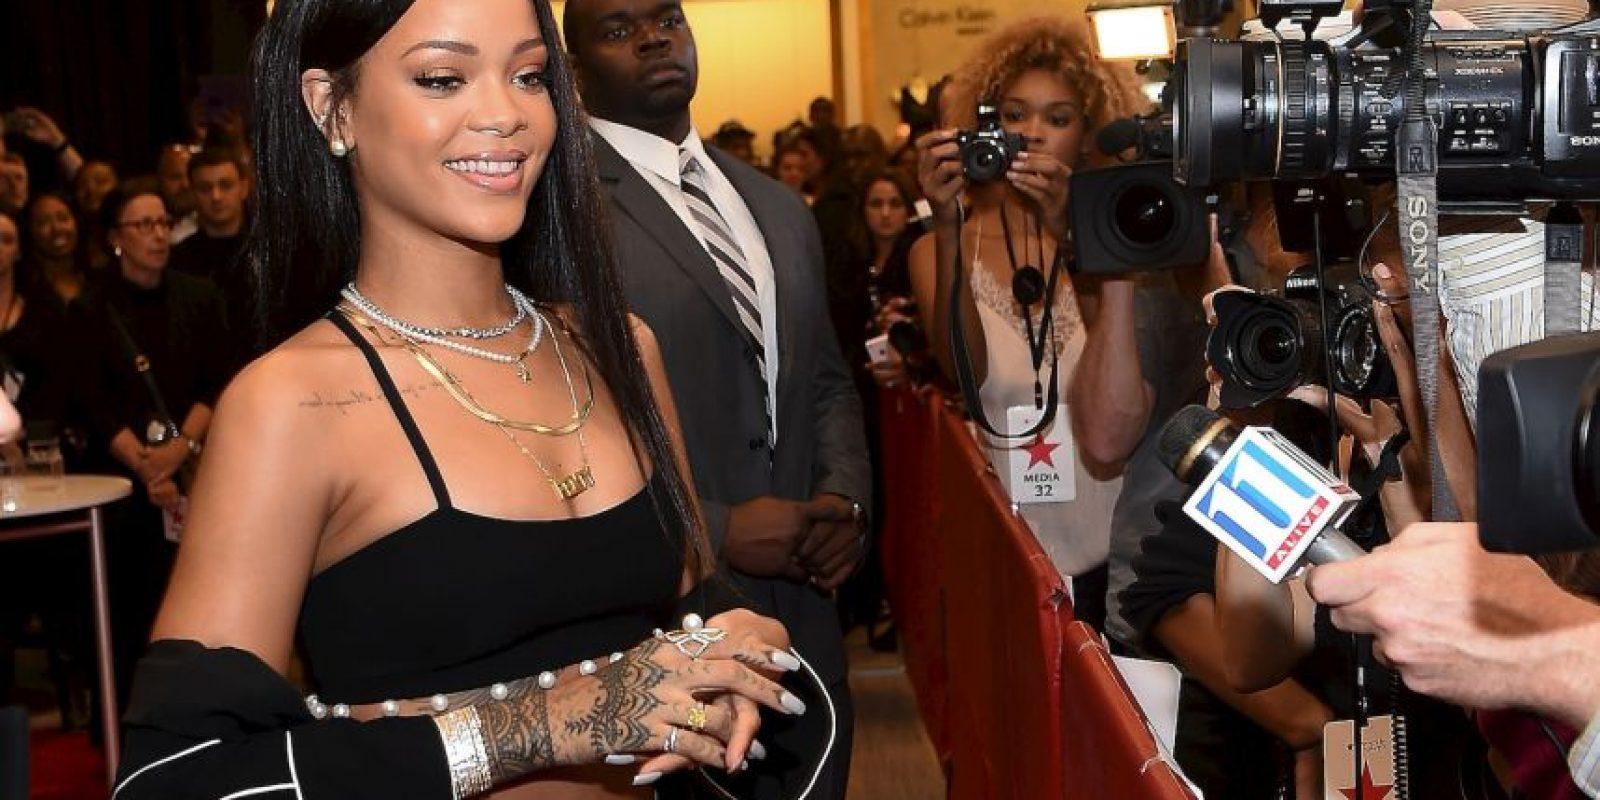 Rihanna es conocida por reinventar constantemente su estilo e imagen Foto:Getty Images